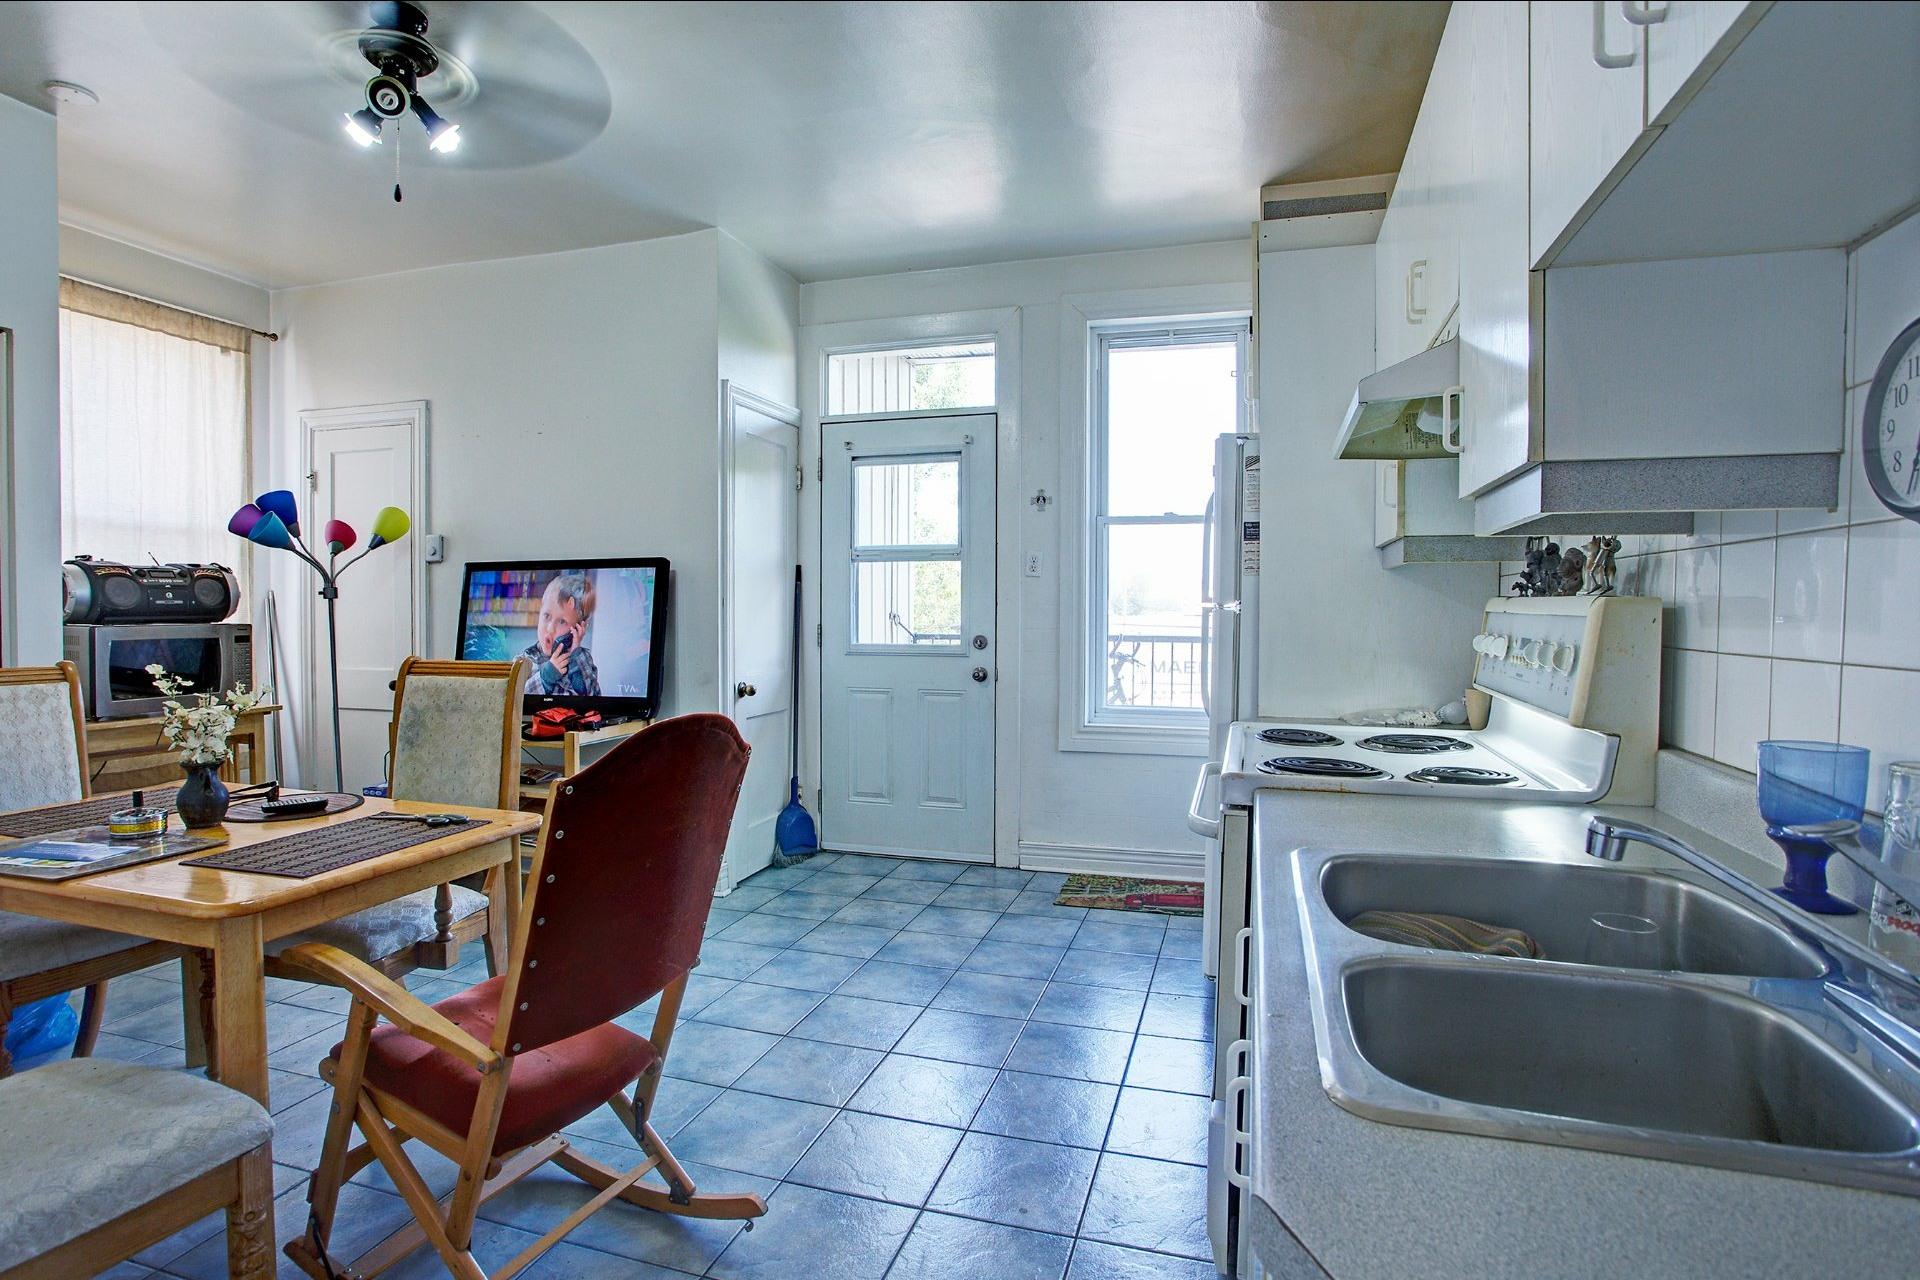 image 19 - Income property For sale Le Sud-Ouest Montréal  - 4 rooms